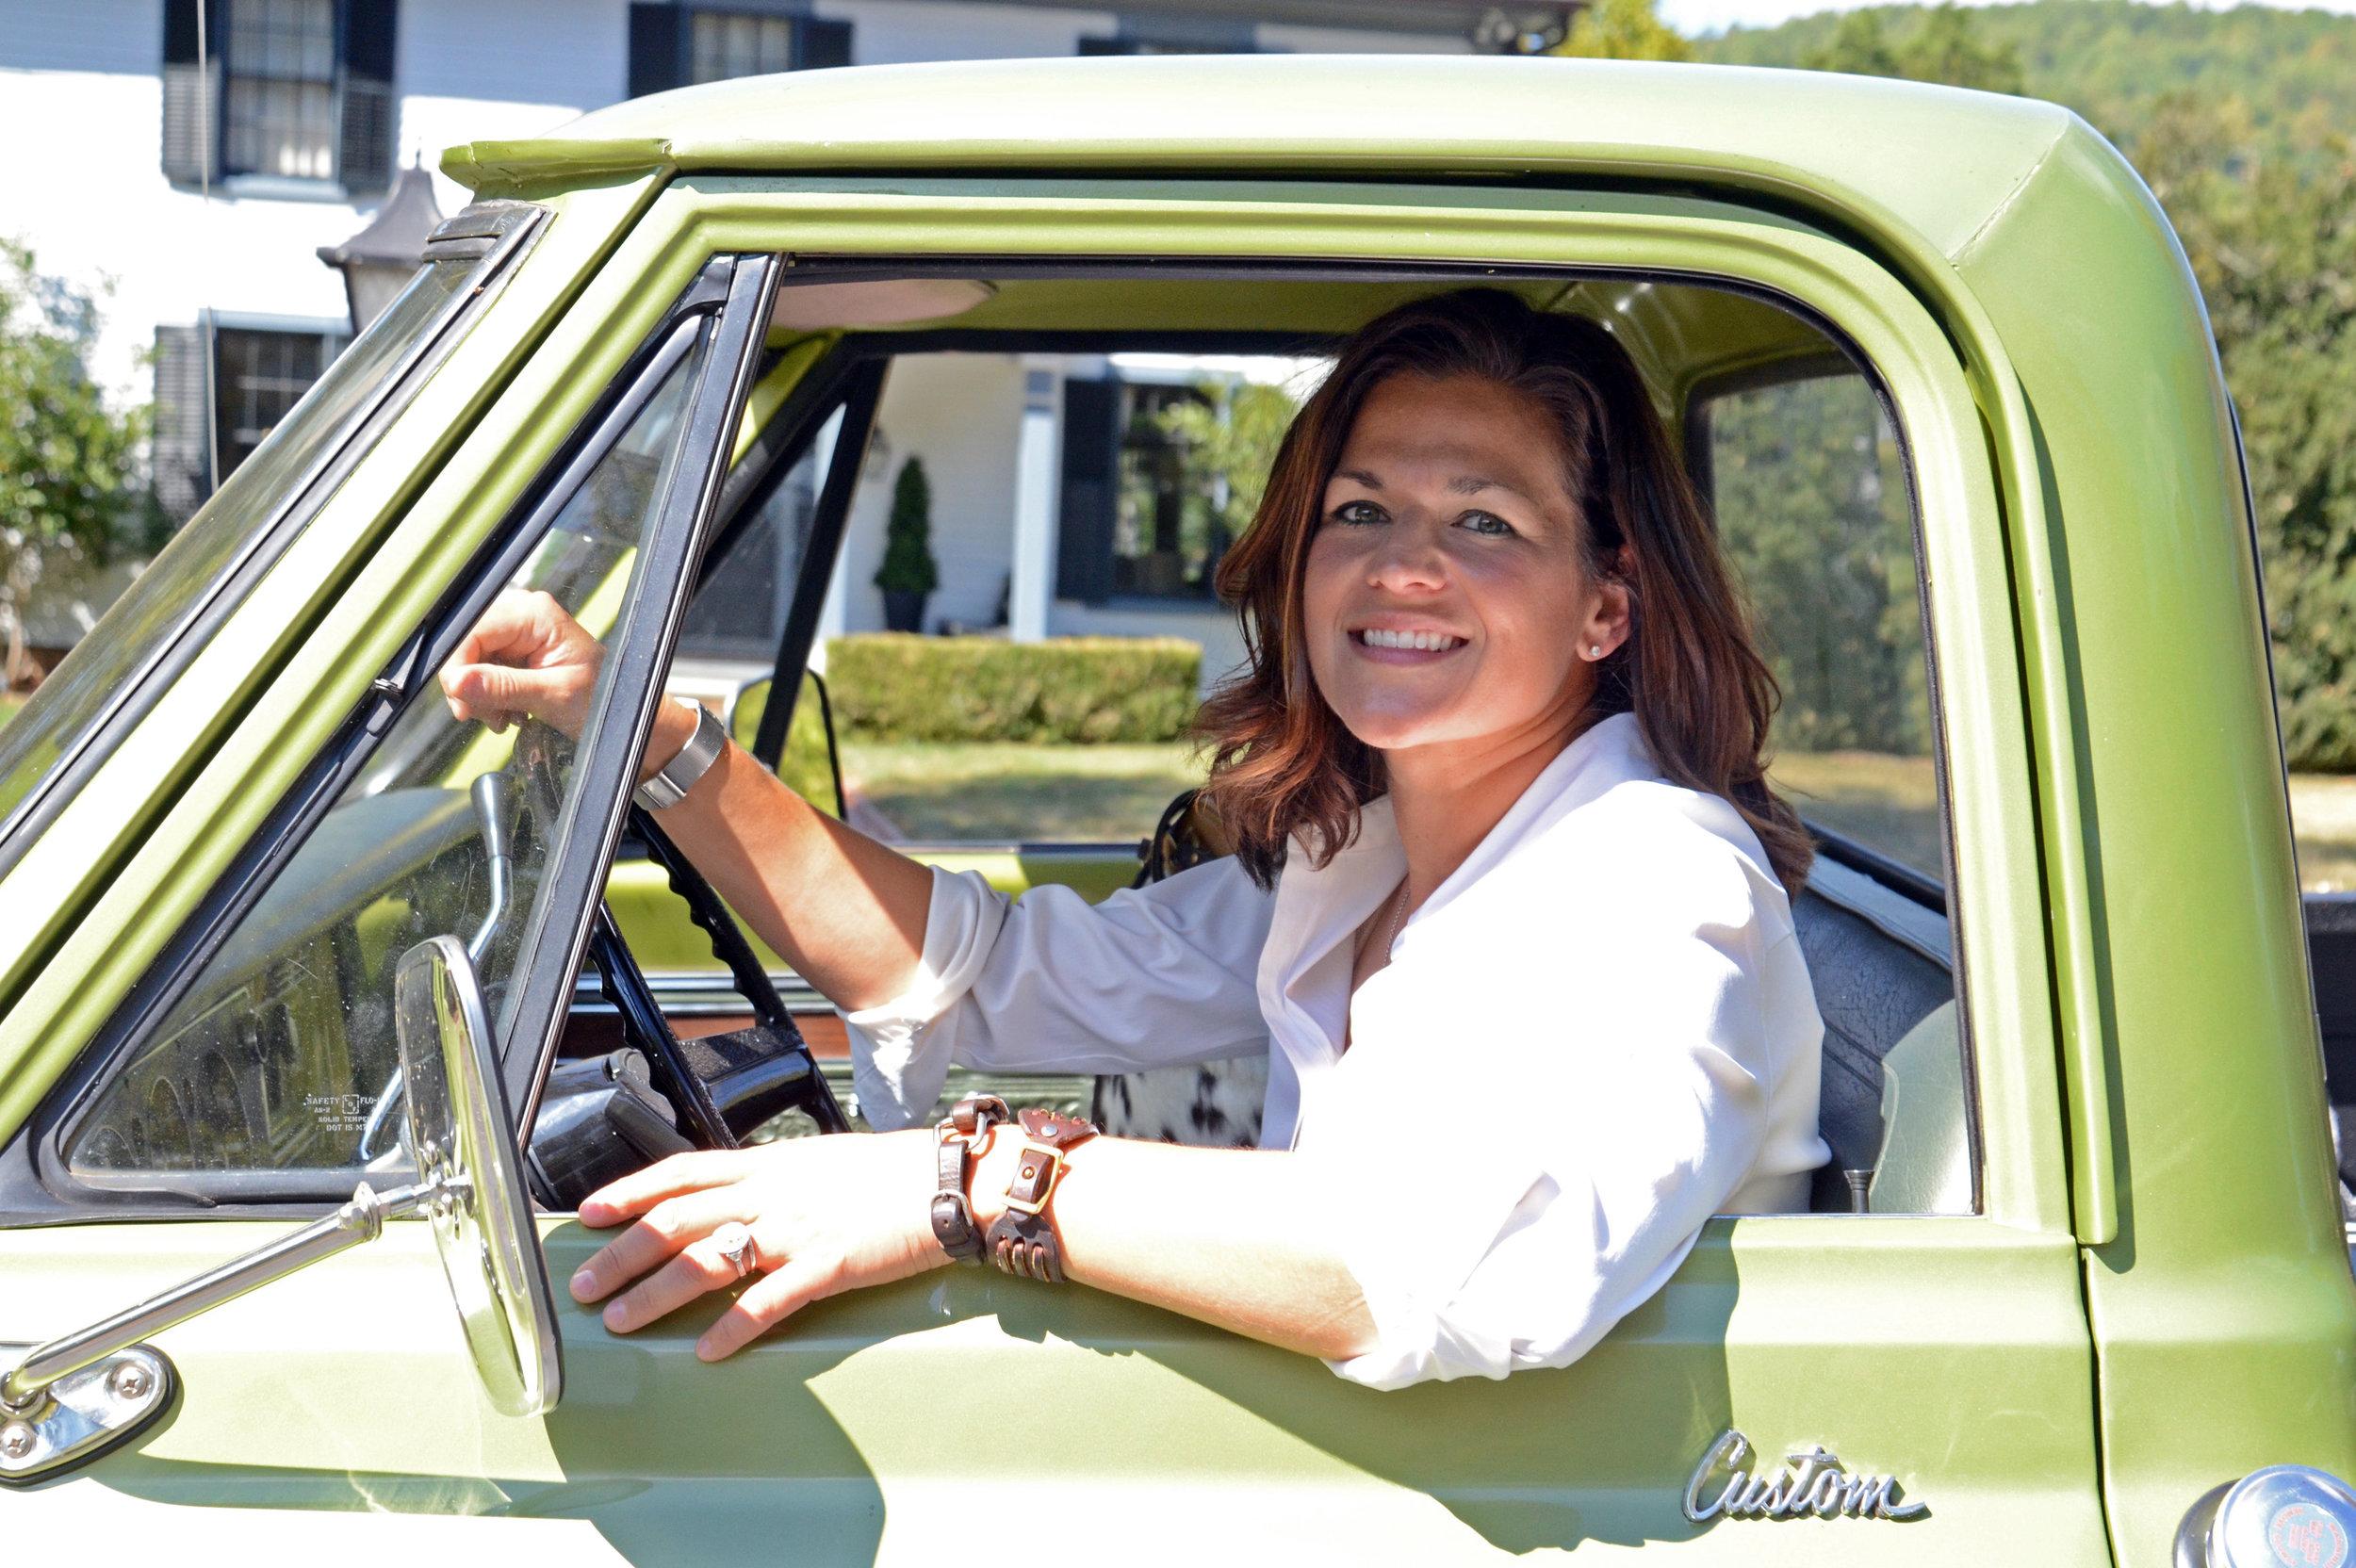 janie in truck.jpg